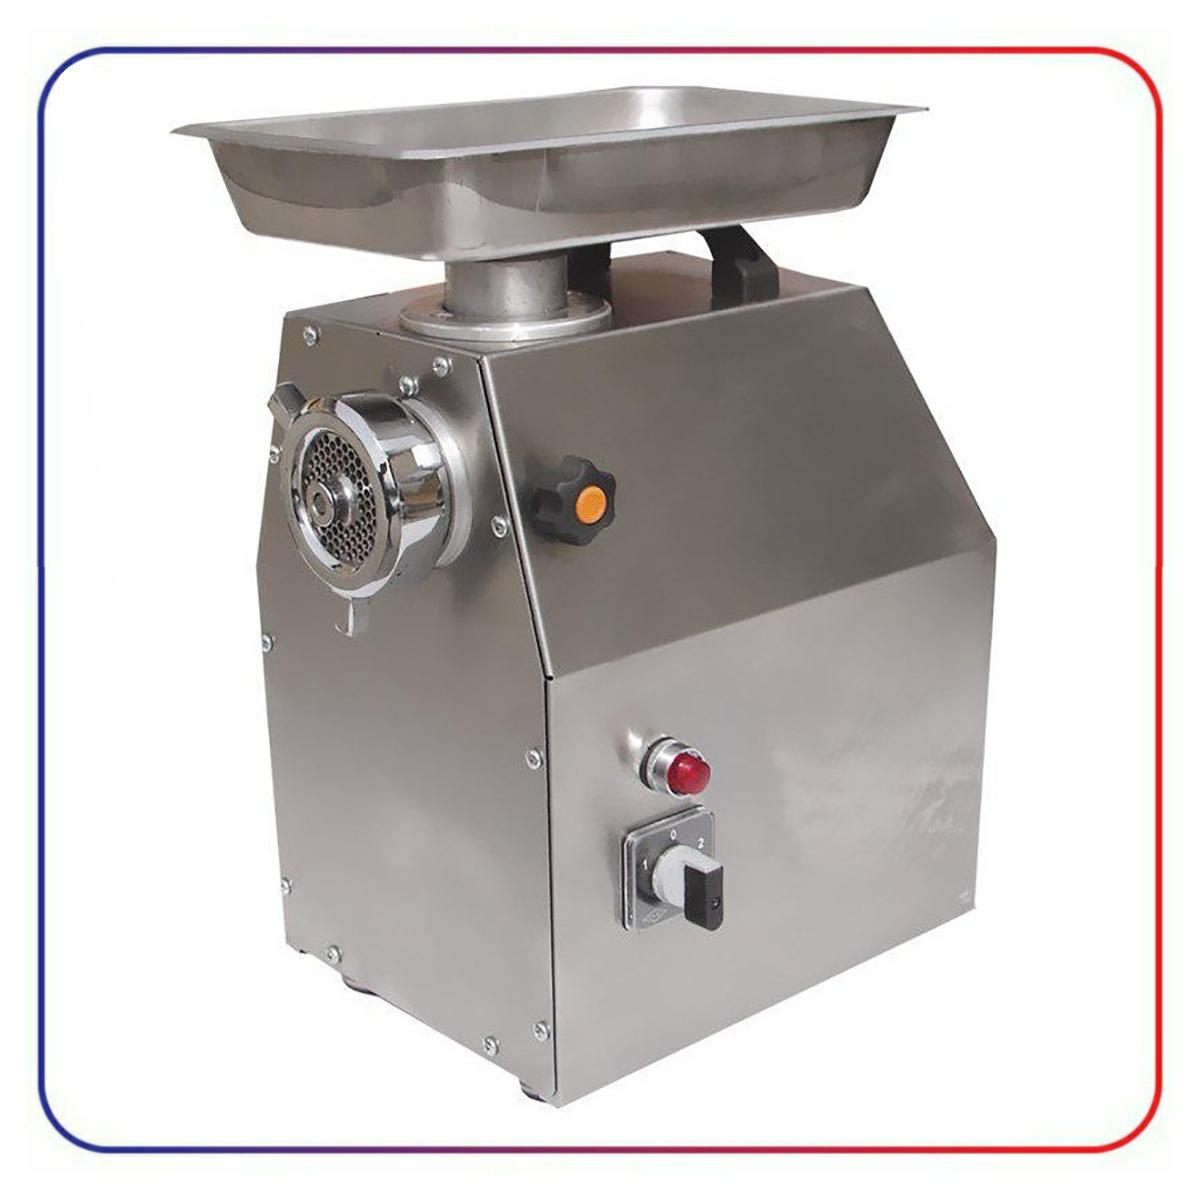 چرخ گوشت نیمه صنعتی الکتروکار ( گلویی استیل ) 12 مدل EC-13